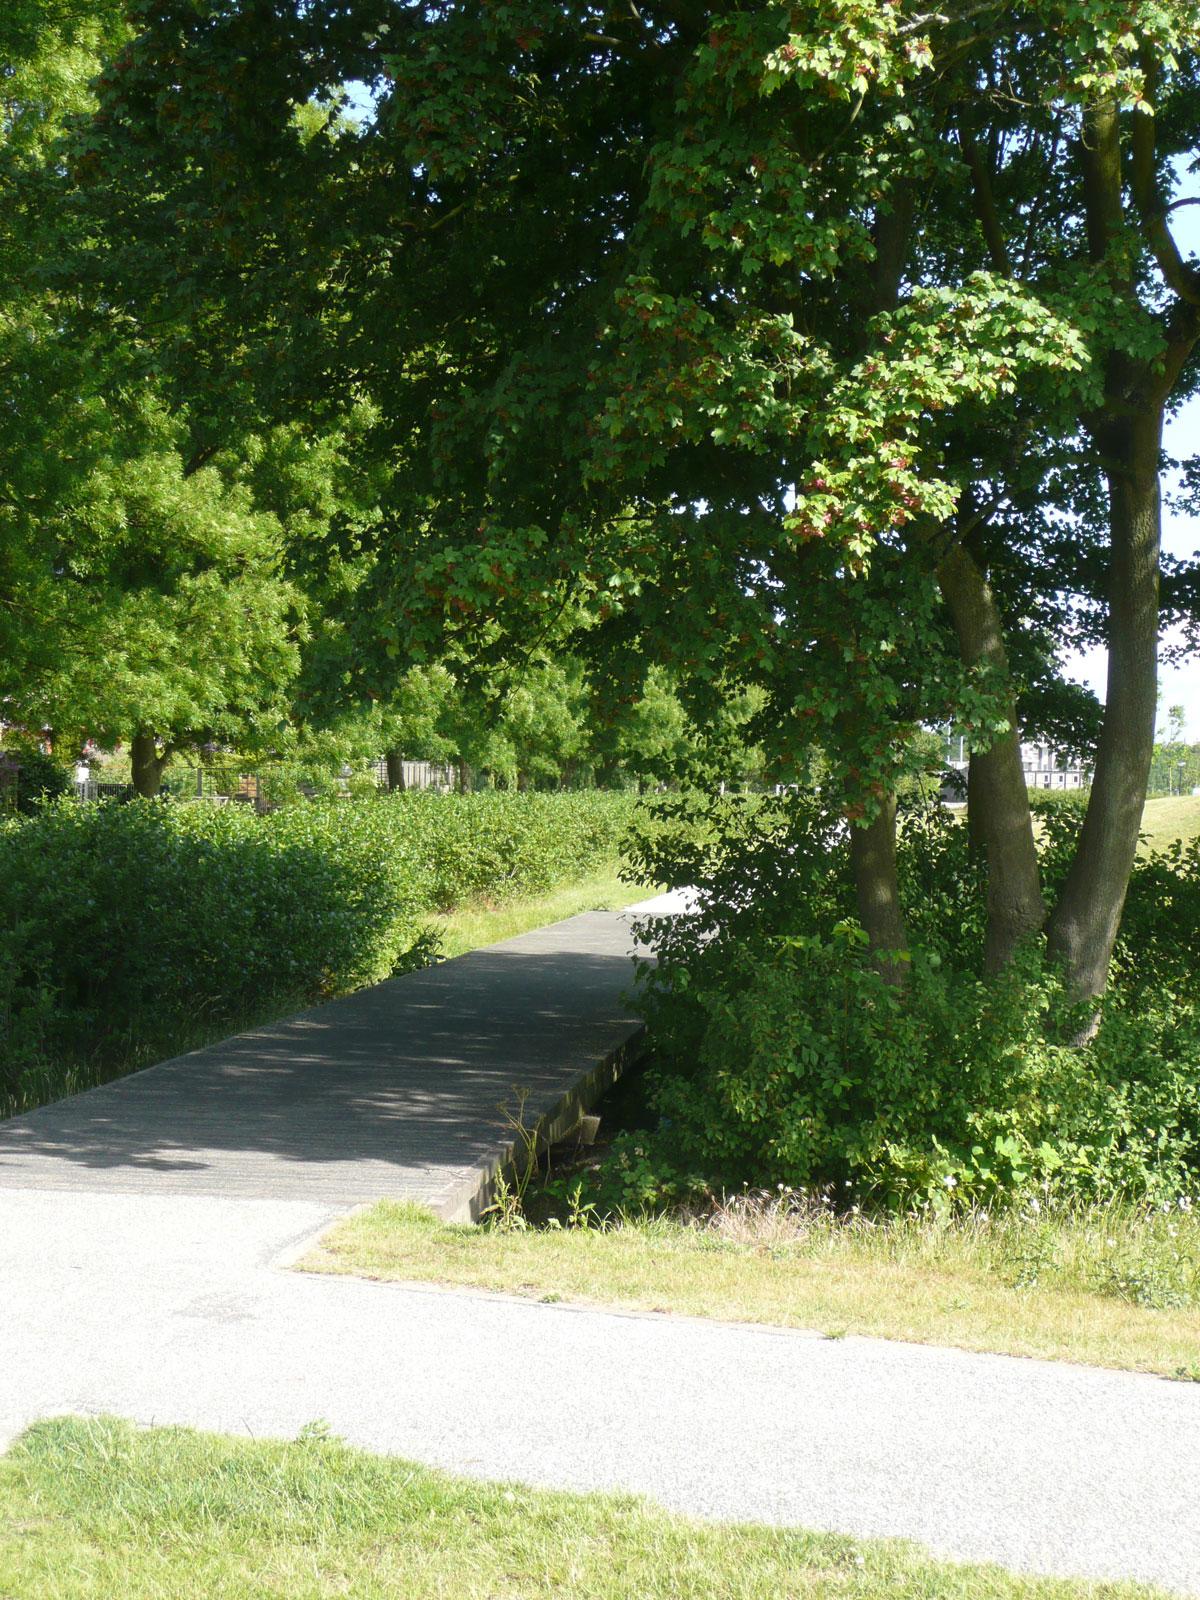 Diekman-landschapsarchitecten_park-endezant_rijswijk_foto3_111_0175